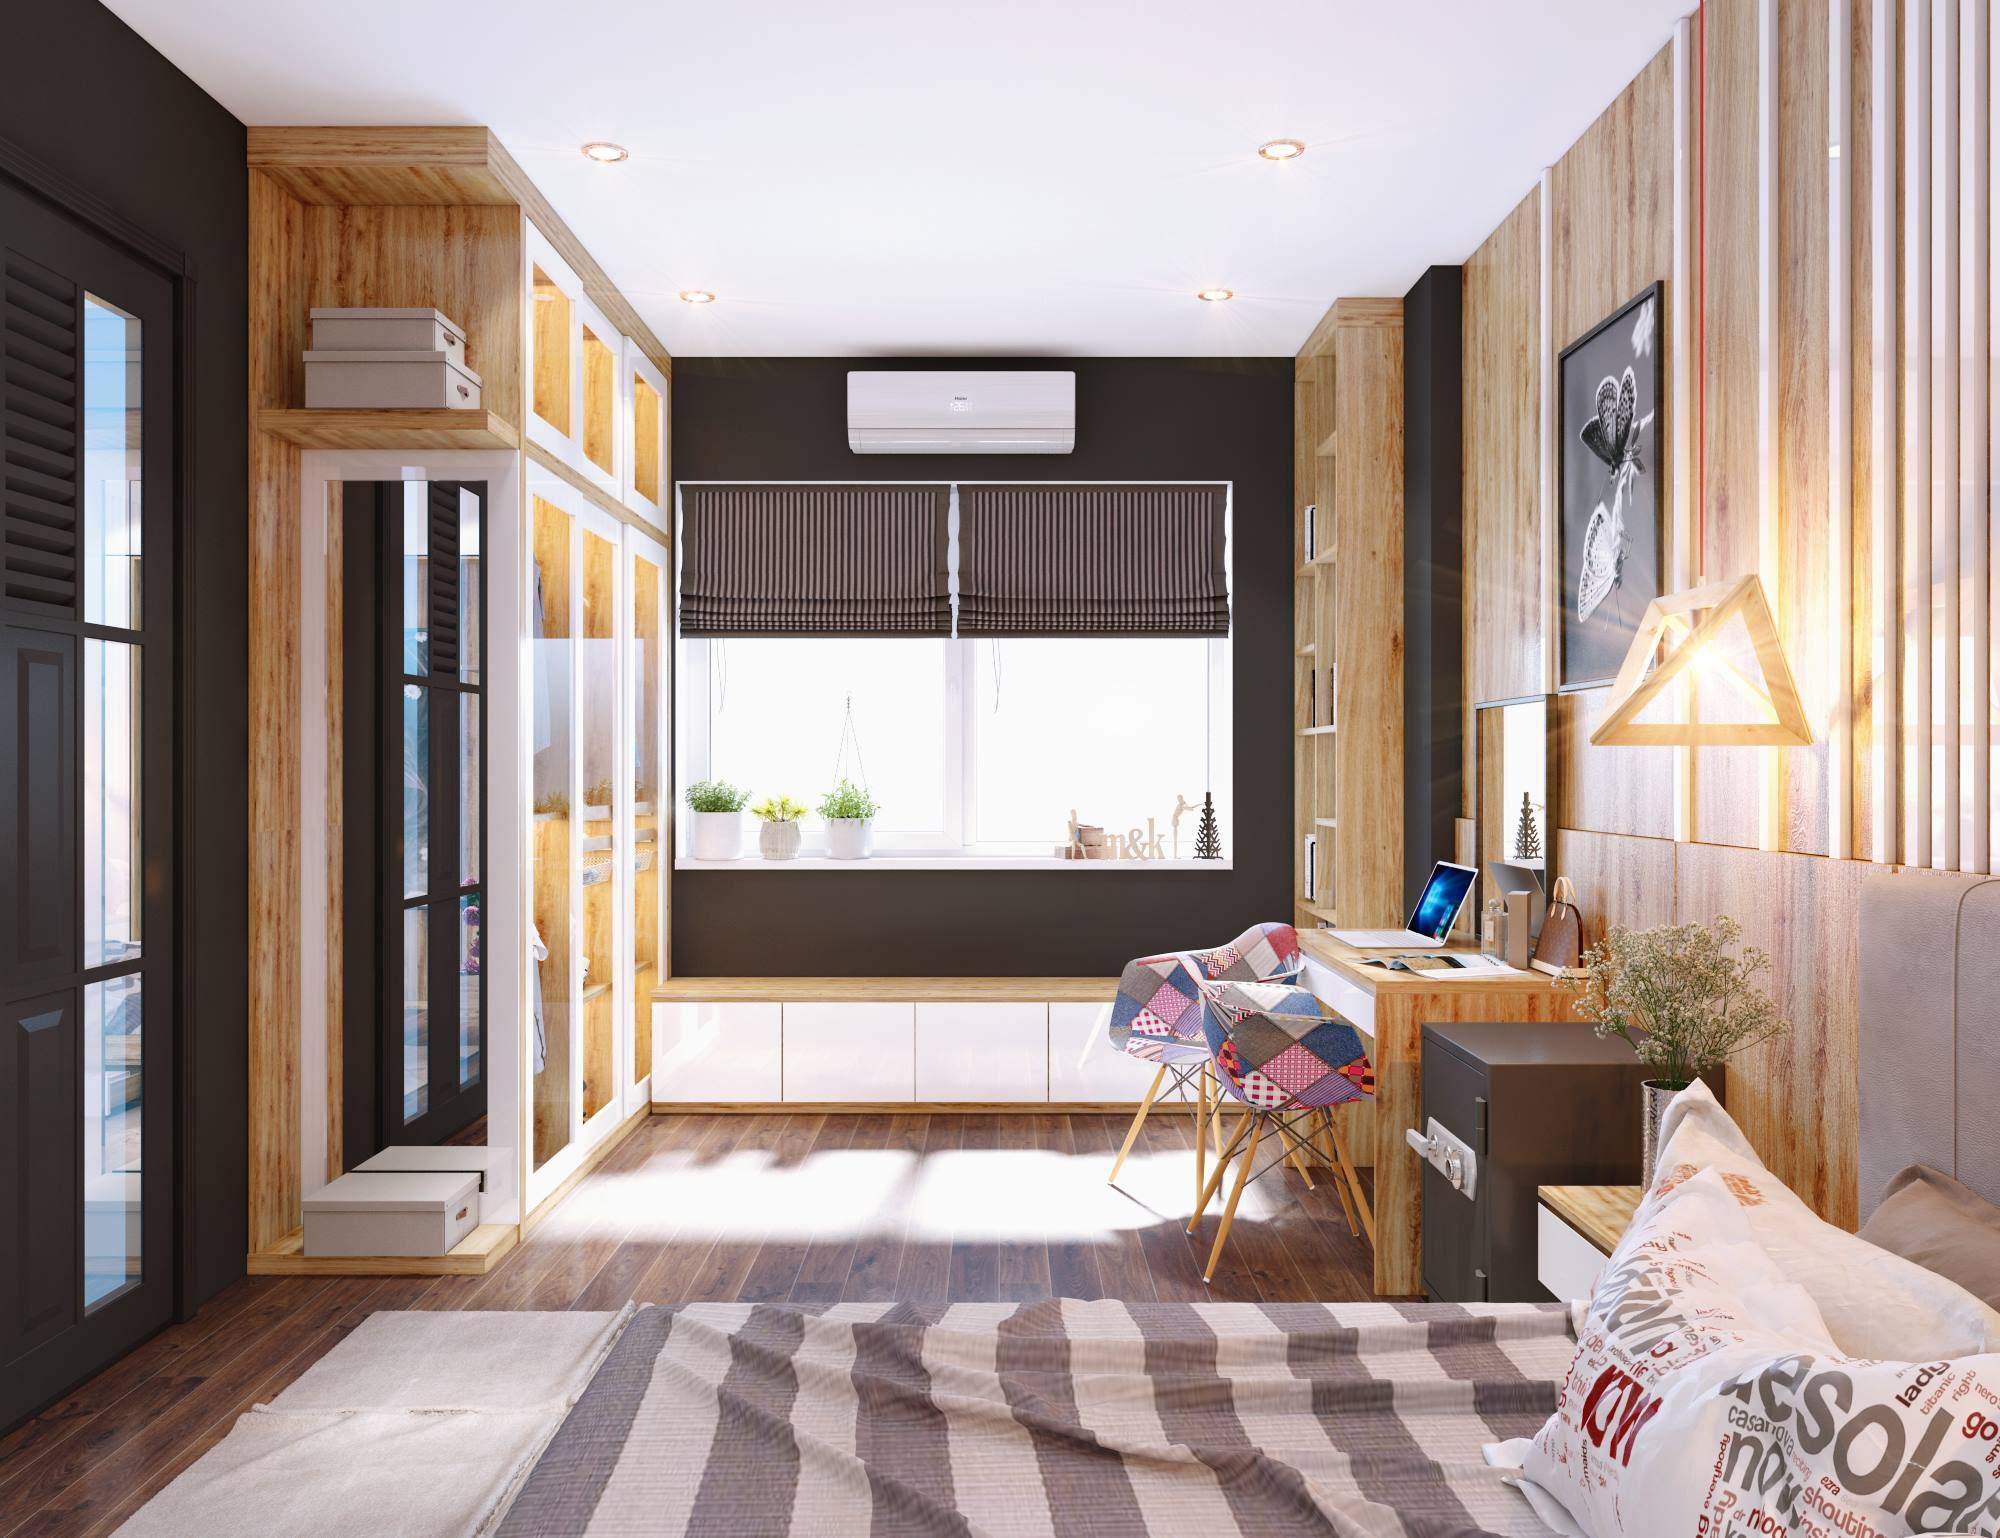 Thiết kế phòng ngủ nhỏ với nội thất thông minh tiện nghi